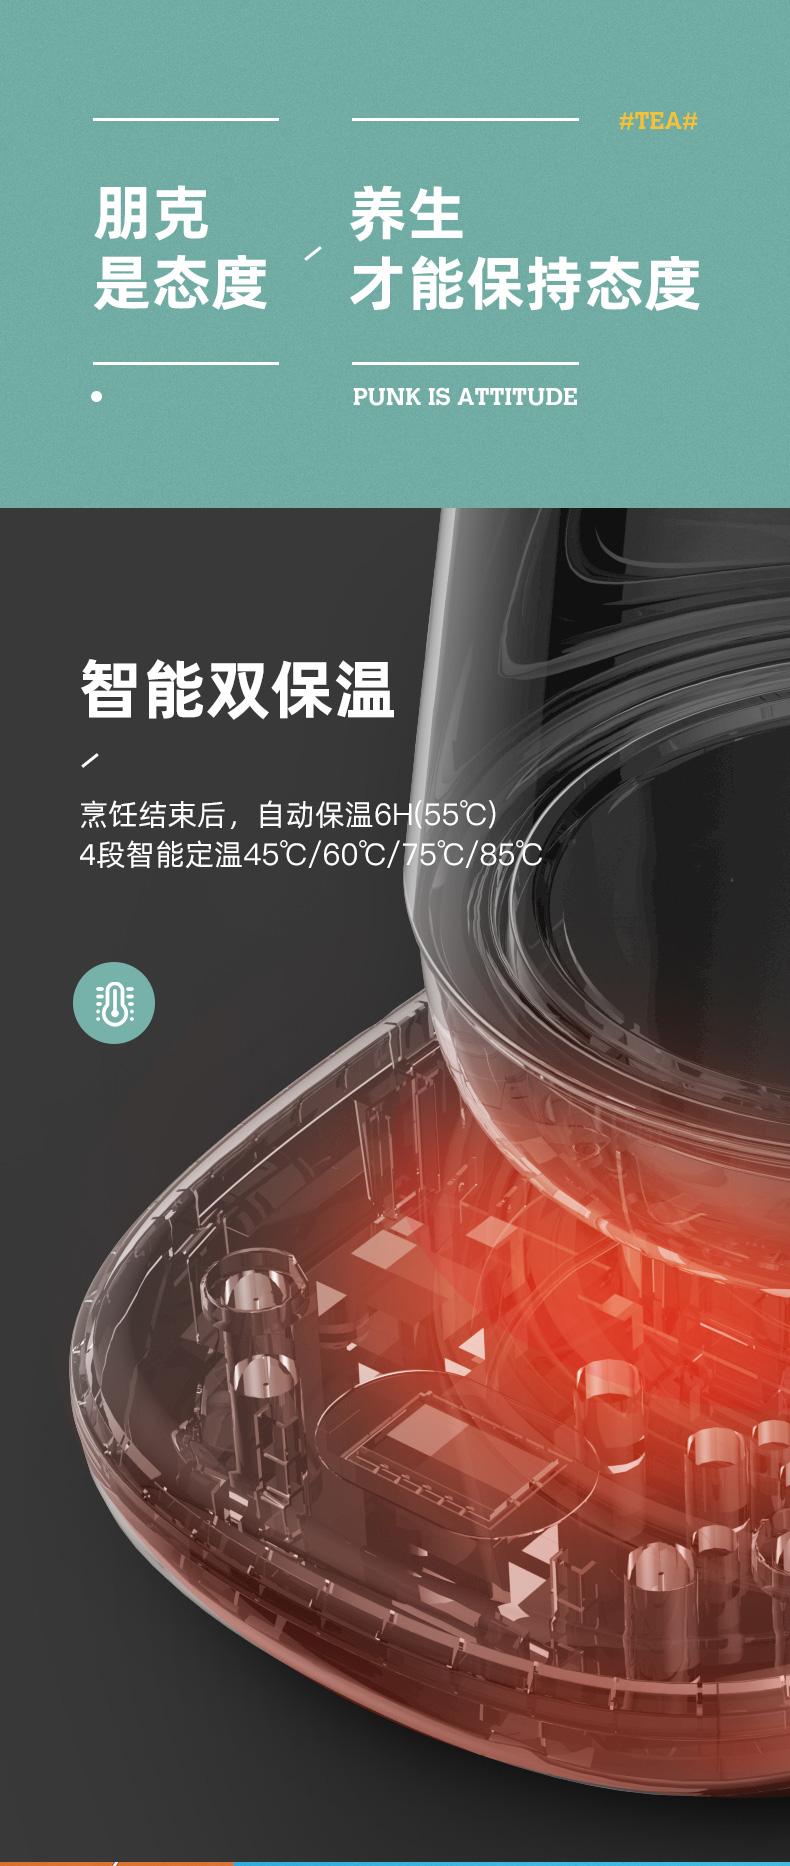 38000-美的(Midea)养生壶煮 茶器热水壶 烧水壶煮茶壶花茶壶电茶壶 1.5L电水壶 轻音烹煮款丨15P213-详情图